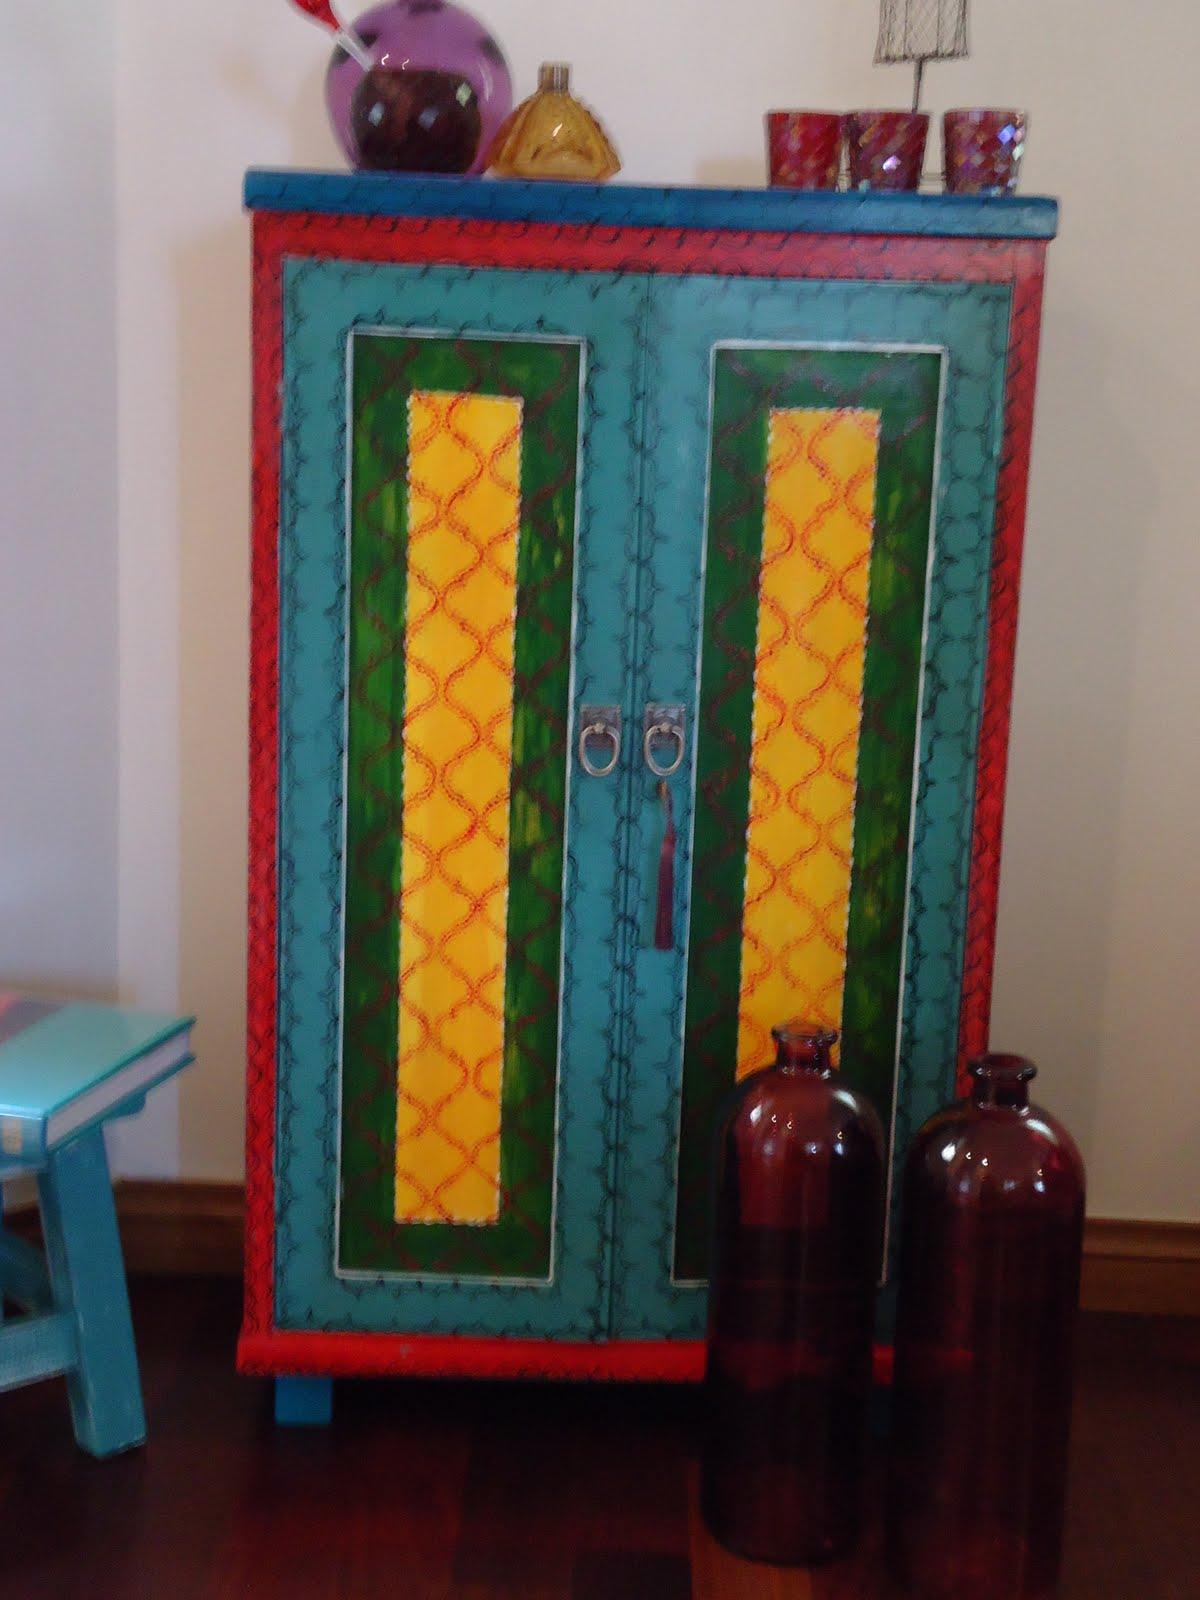 Vintouch muebles reciclados pintados a mano mayo 2011 for Muebles pintados a mano